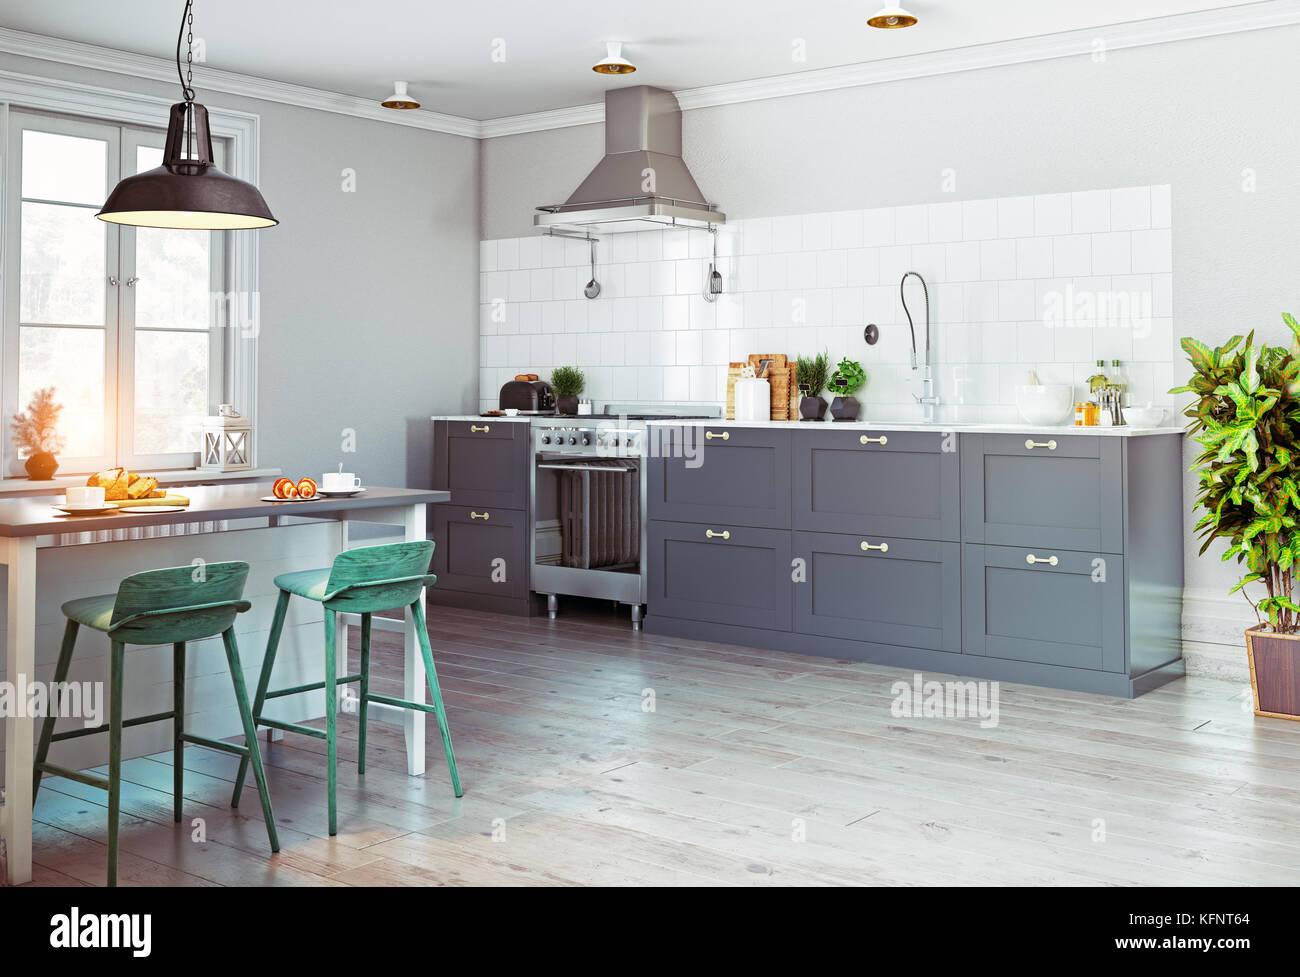 Cocina moderna interior. Diseño de estilo escandinavo. Concepto de ...